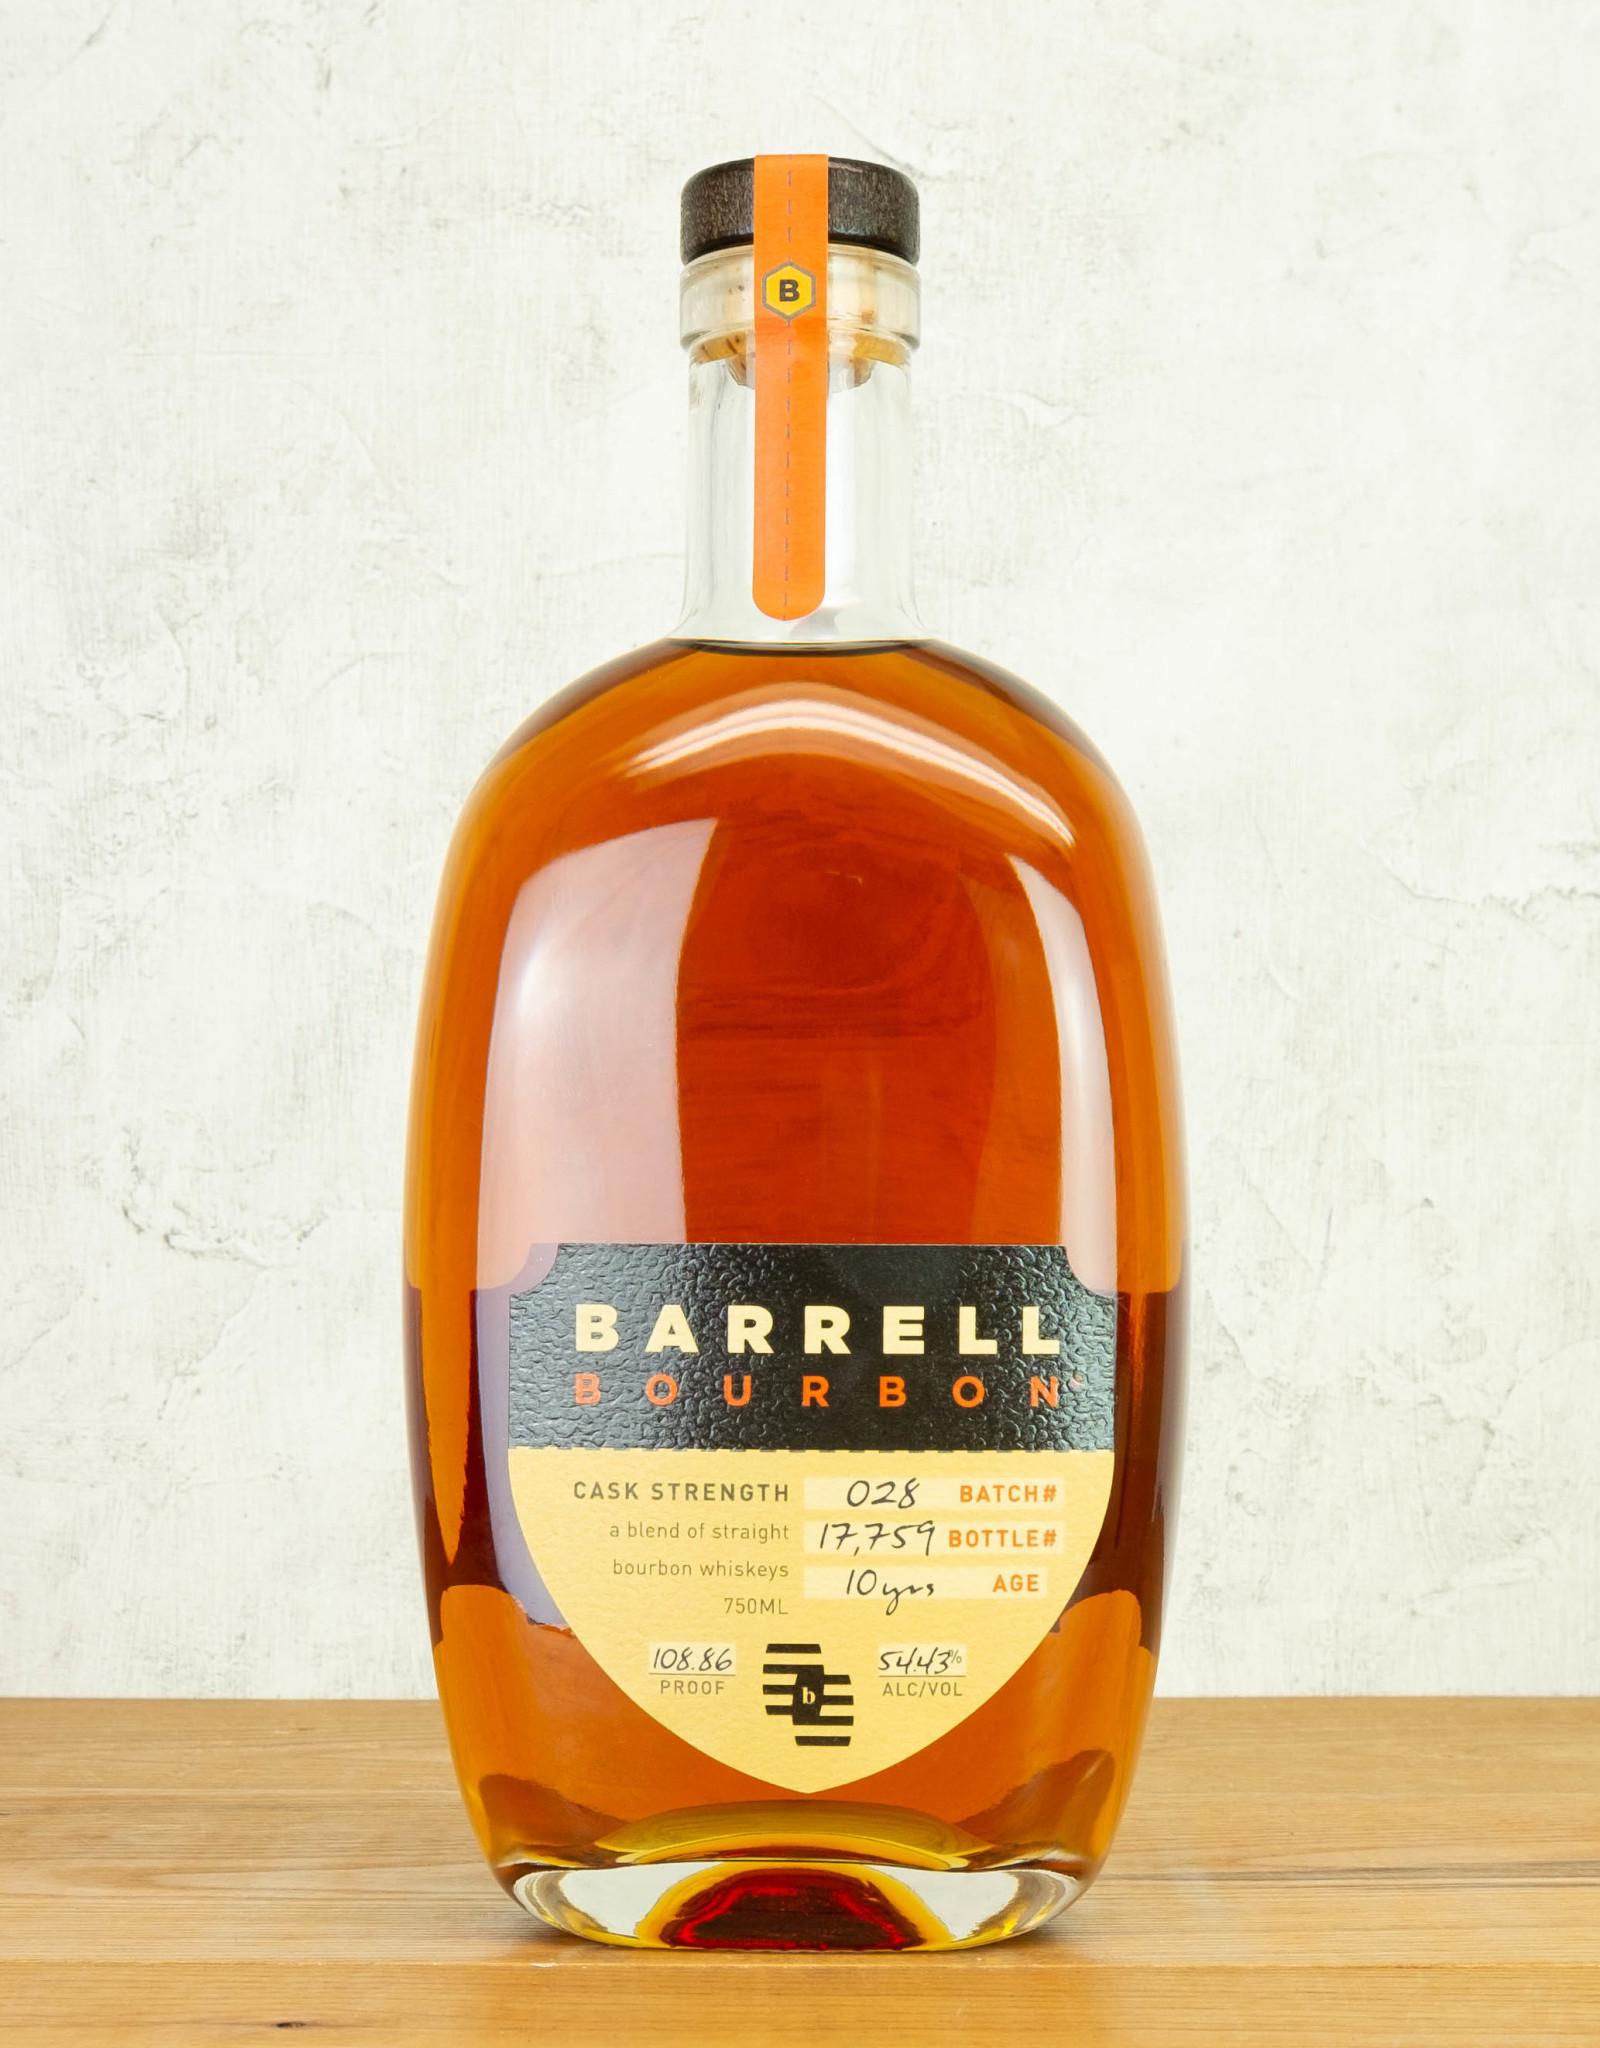 Barrell Bourbon Cask Strength Batch 28